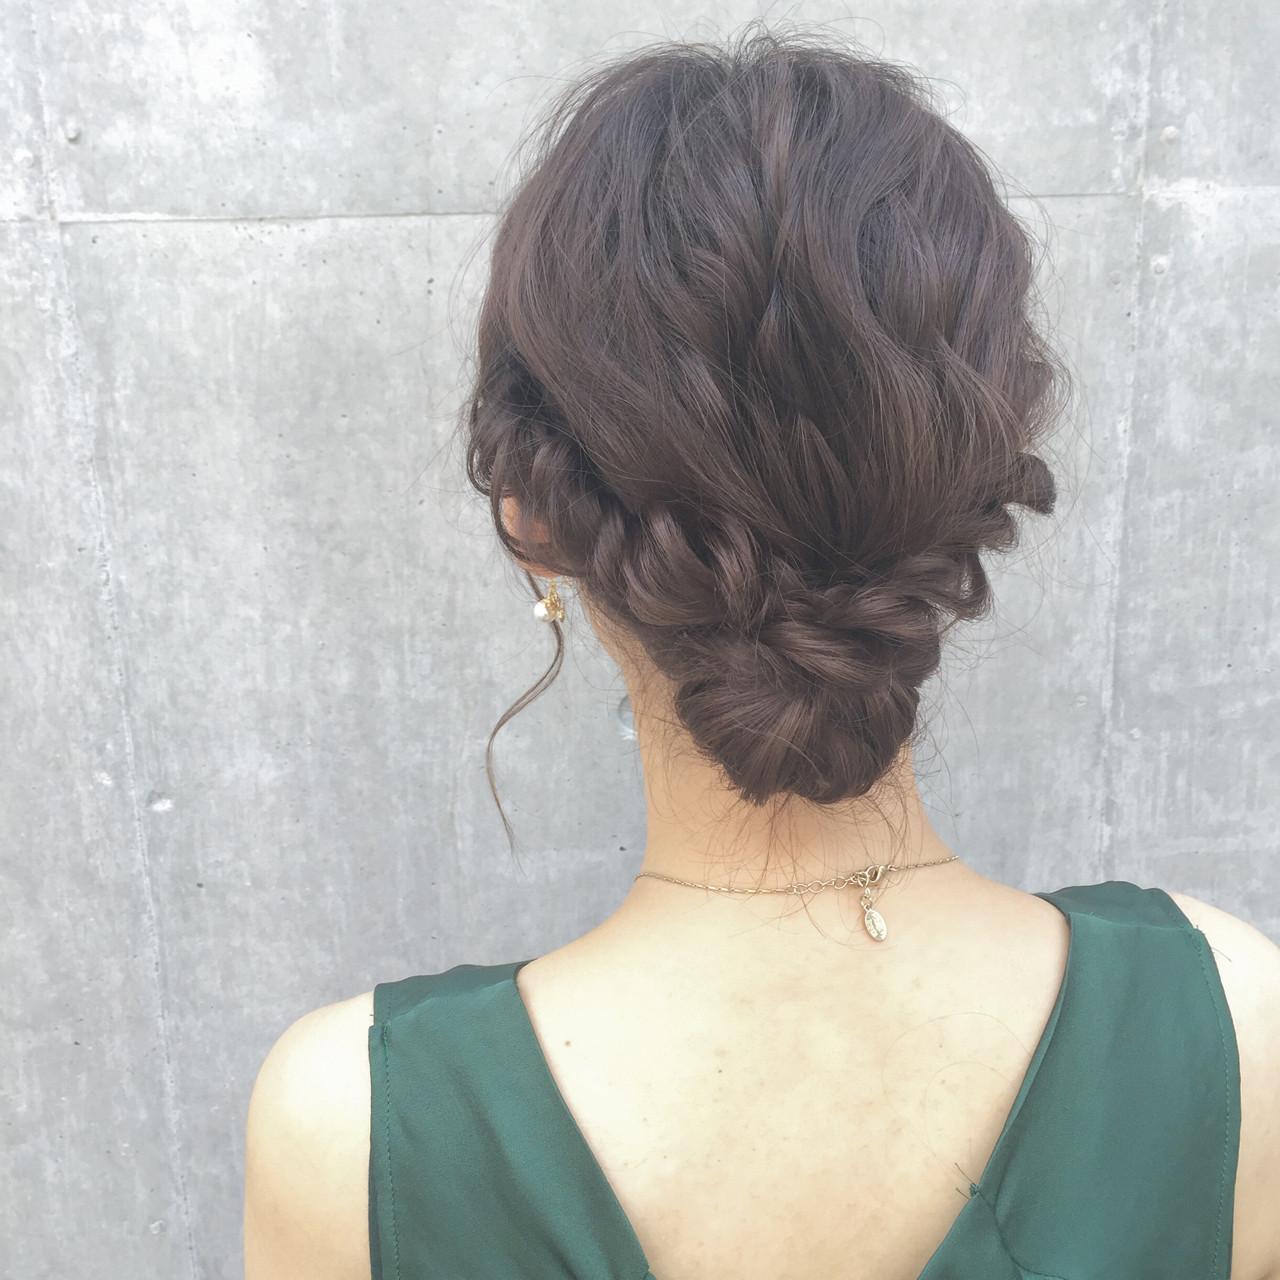 ルーズ ヘアアレンジ パーティ ボブ ヘアスタイルや髪型の写真・画像